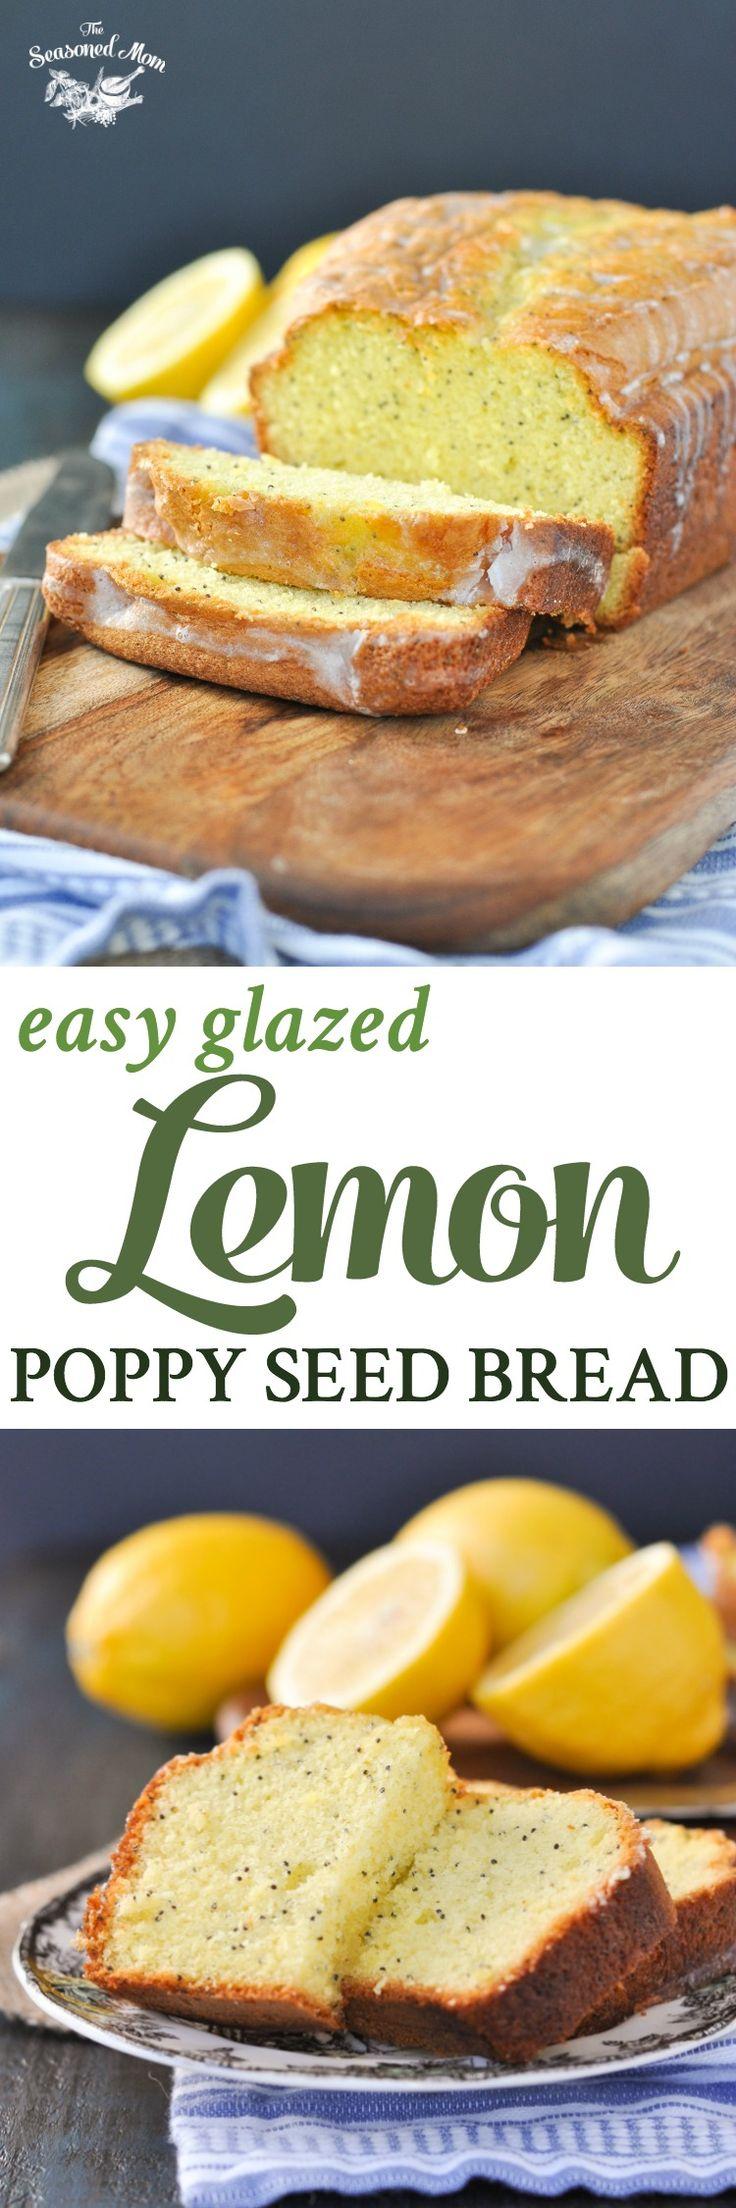 Easy Glazed Lemon Poppy Seed Bread | Lemon Desserts | Lemon Cake | Brunch Ideas | Brunch Recipes | Breakfast | Bread Recipes | Lemon Recipes